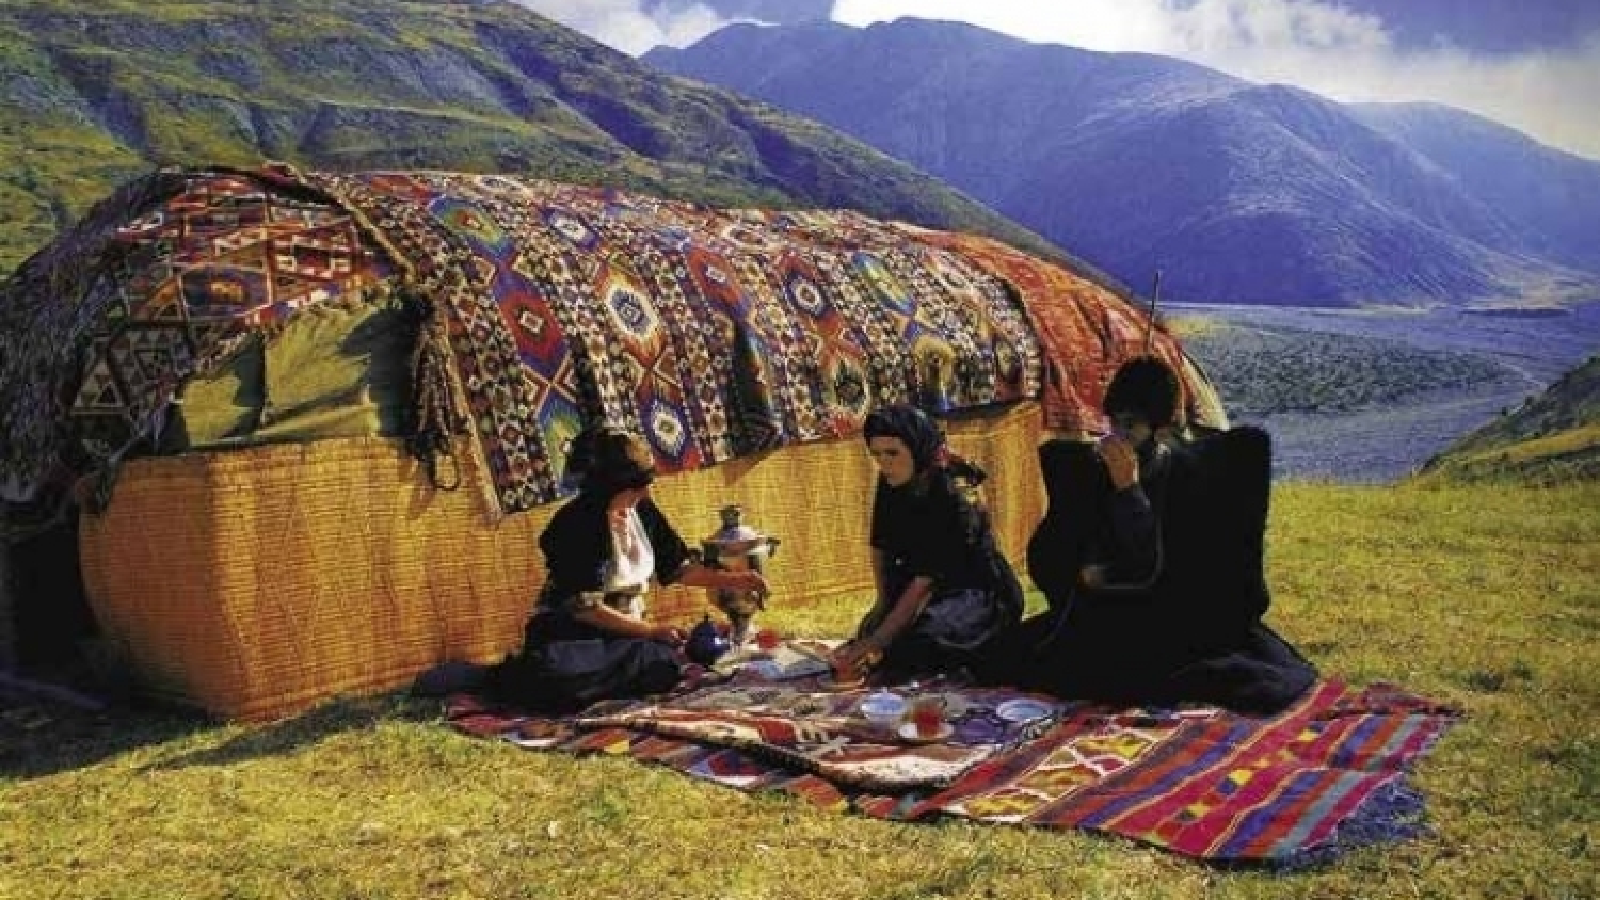 Sức lôi cuốn mê hoặc của thảm và nghệ thuật dệt thảm Azerbaijan